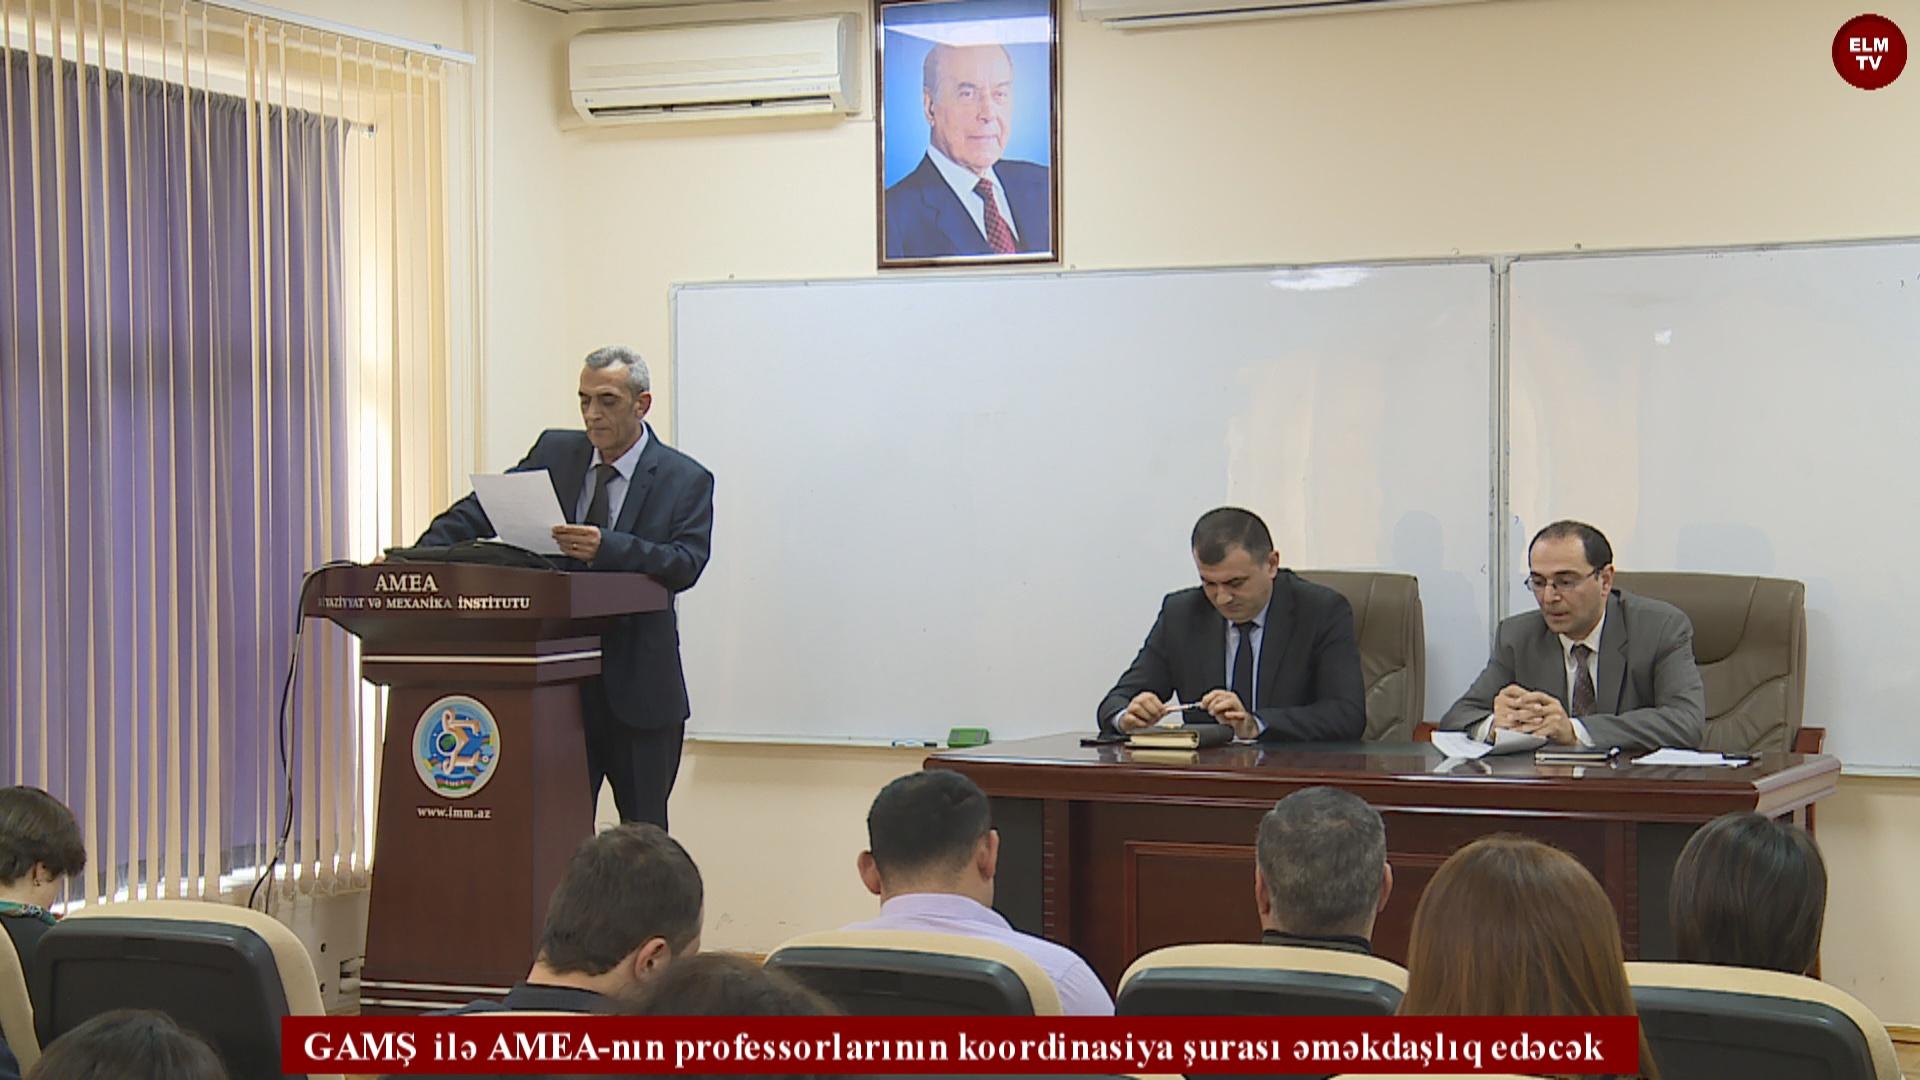 GAMŞ  ilə AMEA-nın professorlarının koordinasiya şurası əməkdaşlıq edəcək